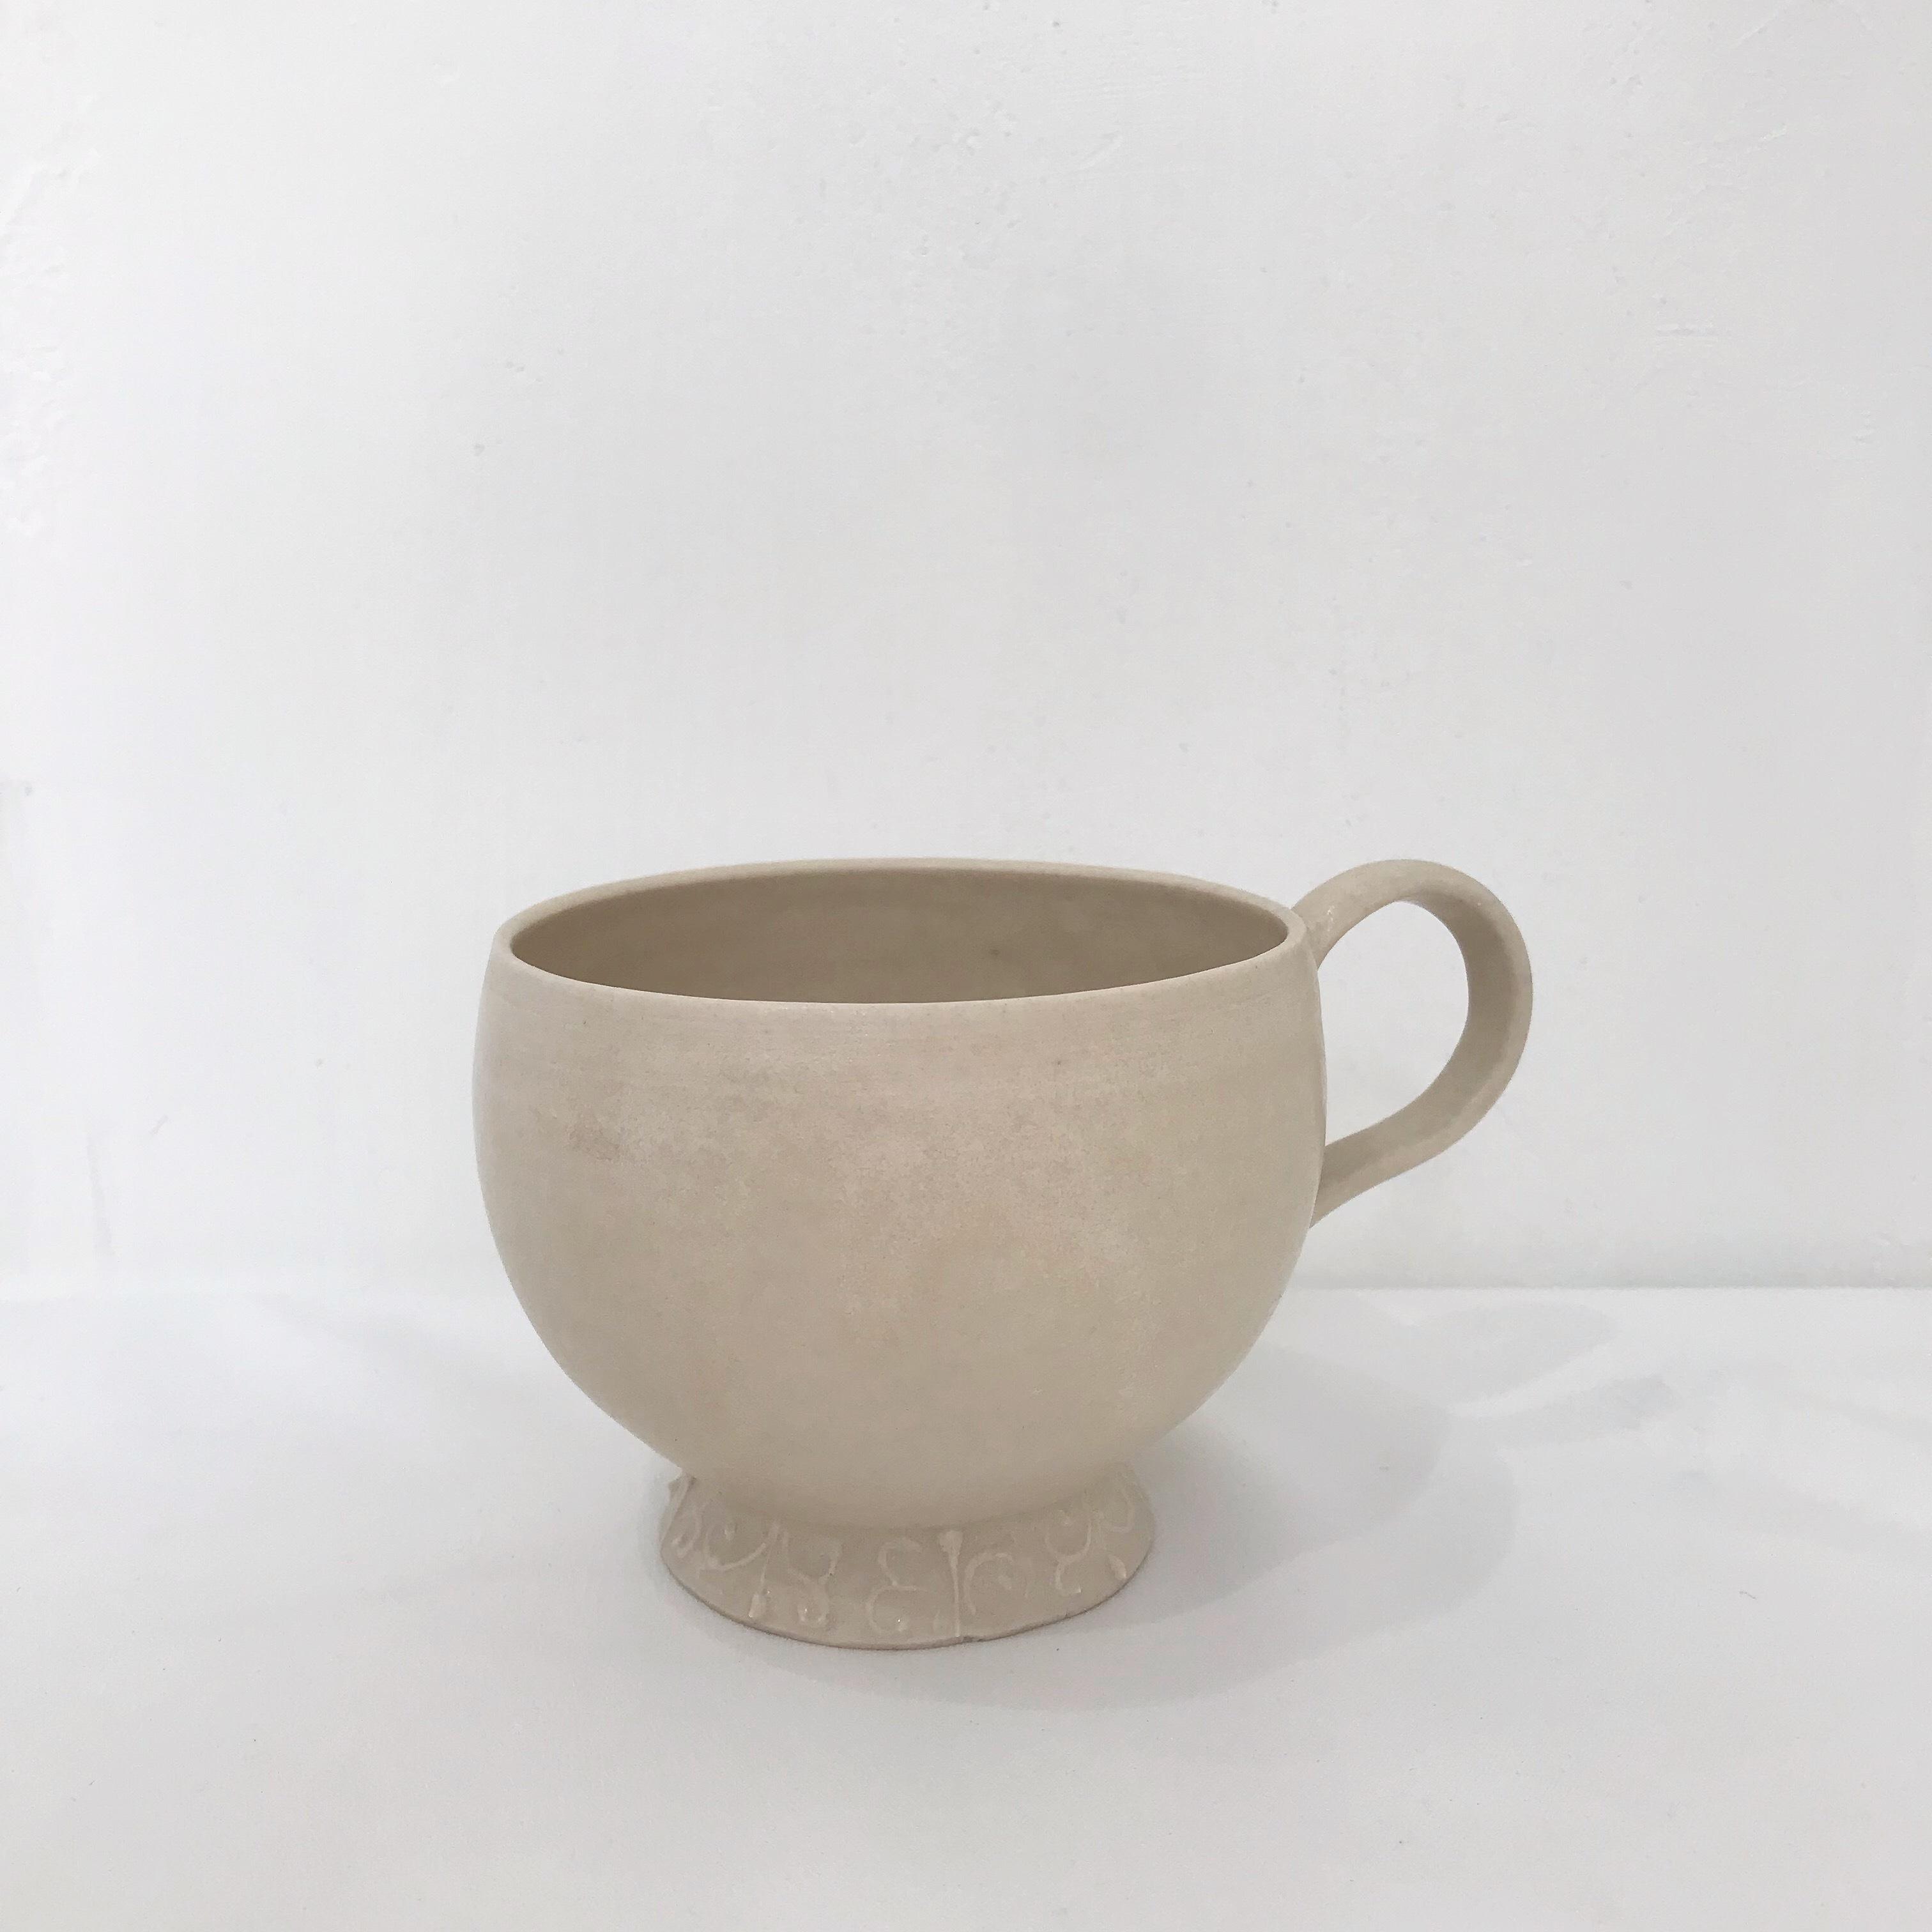 灰琥珀釉コーヒーカップ 前田麻美